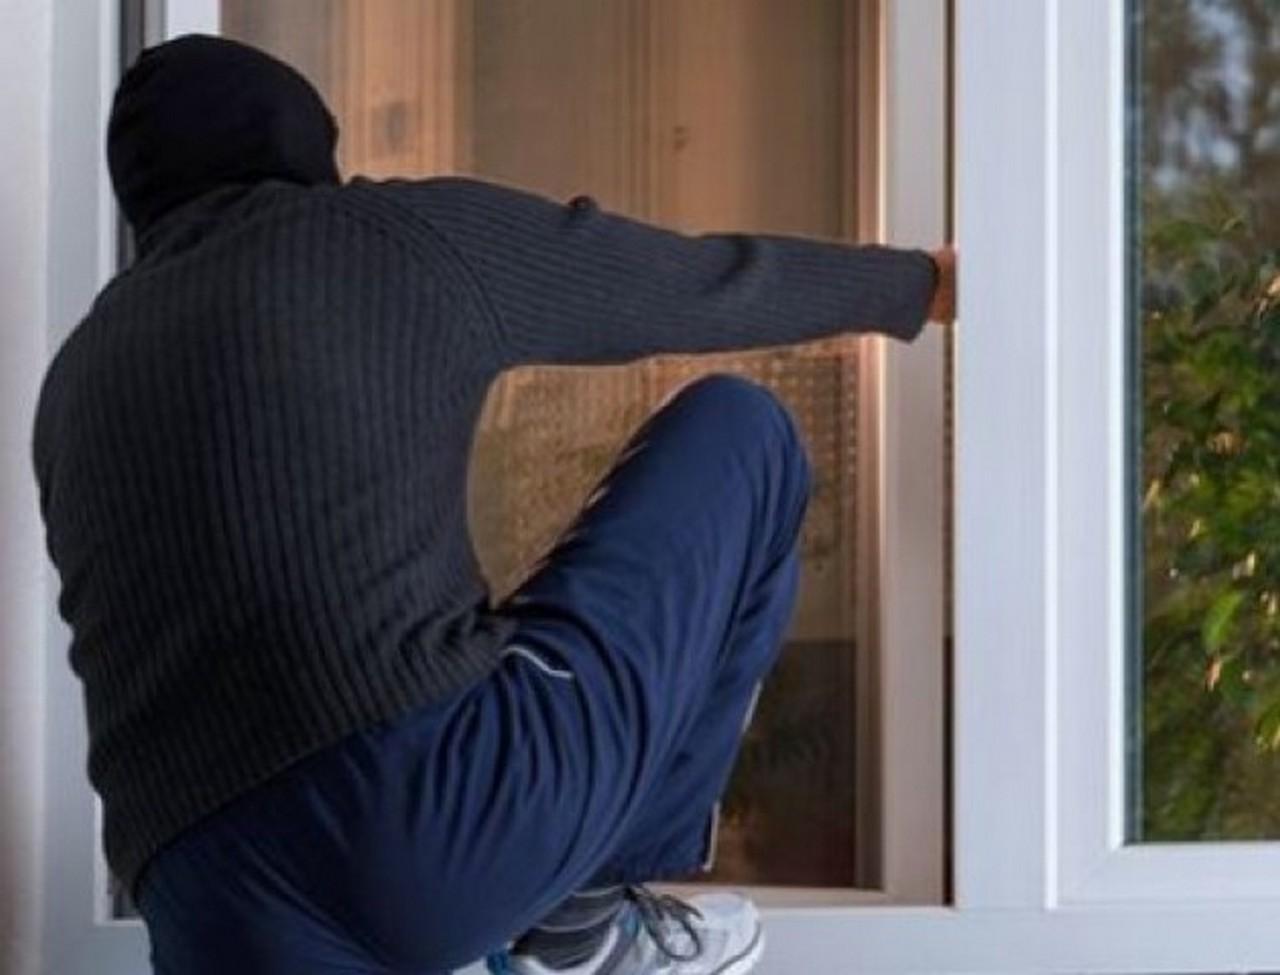 34-річний мукачівець через незачинене вікно проник у будинок і вкрав звідки ноутбук